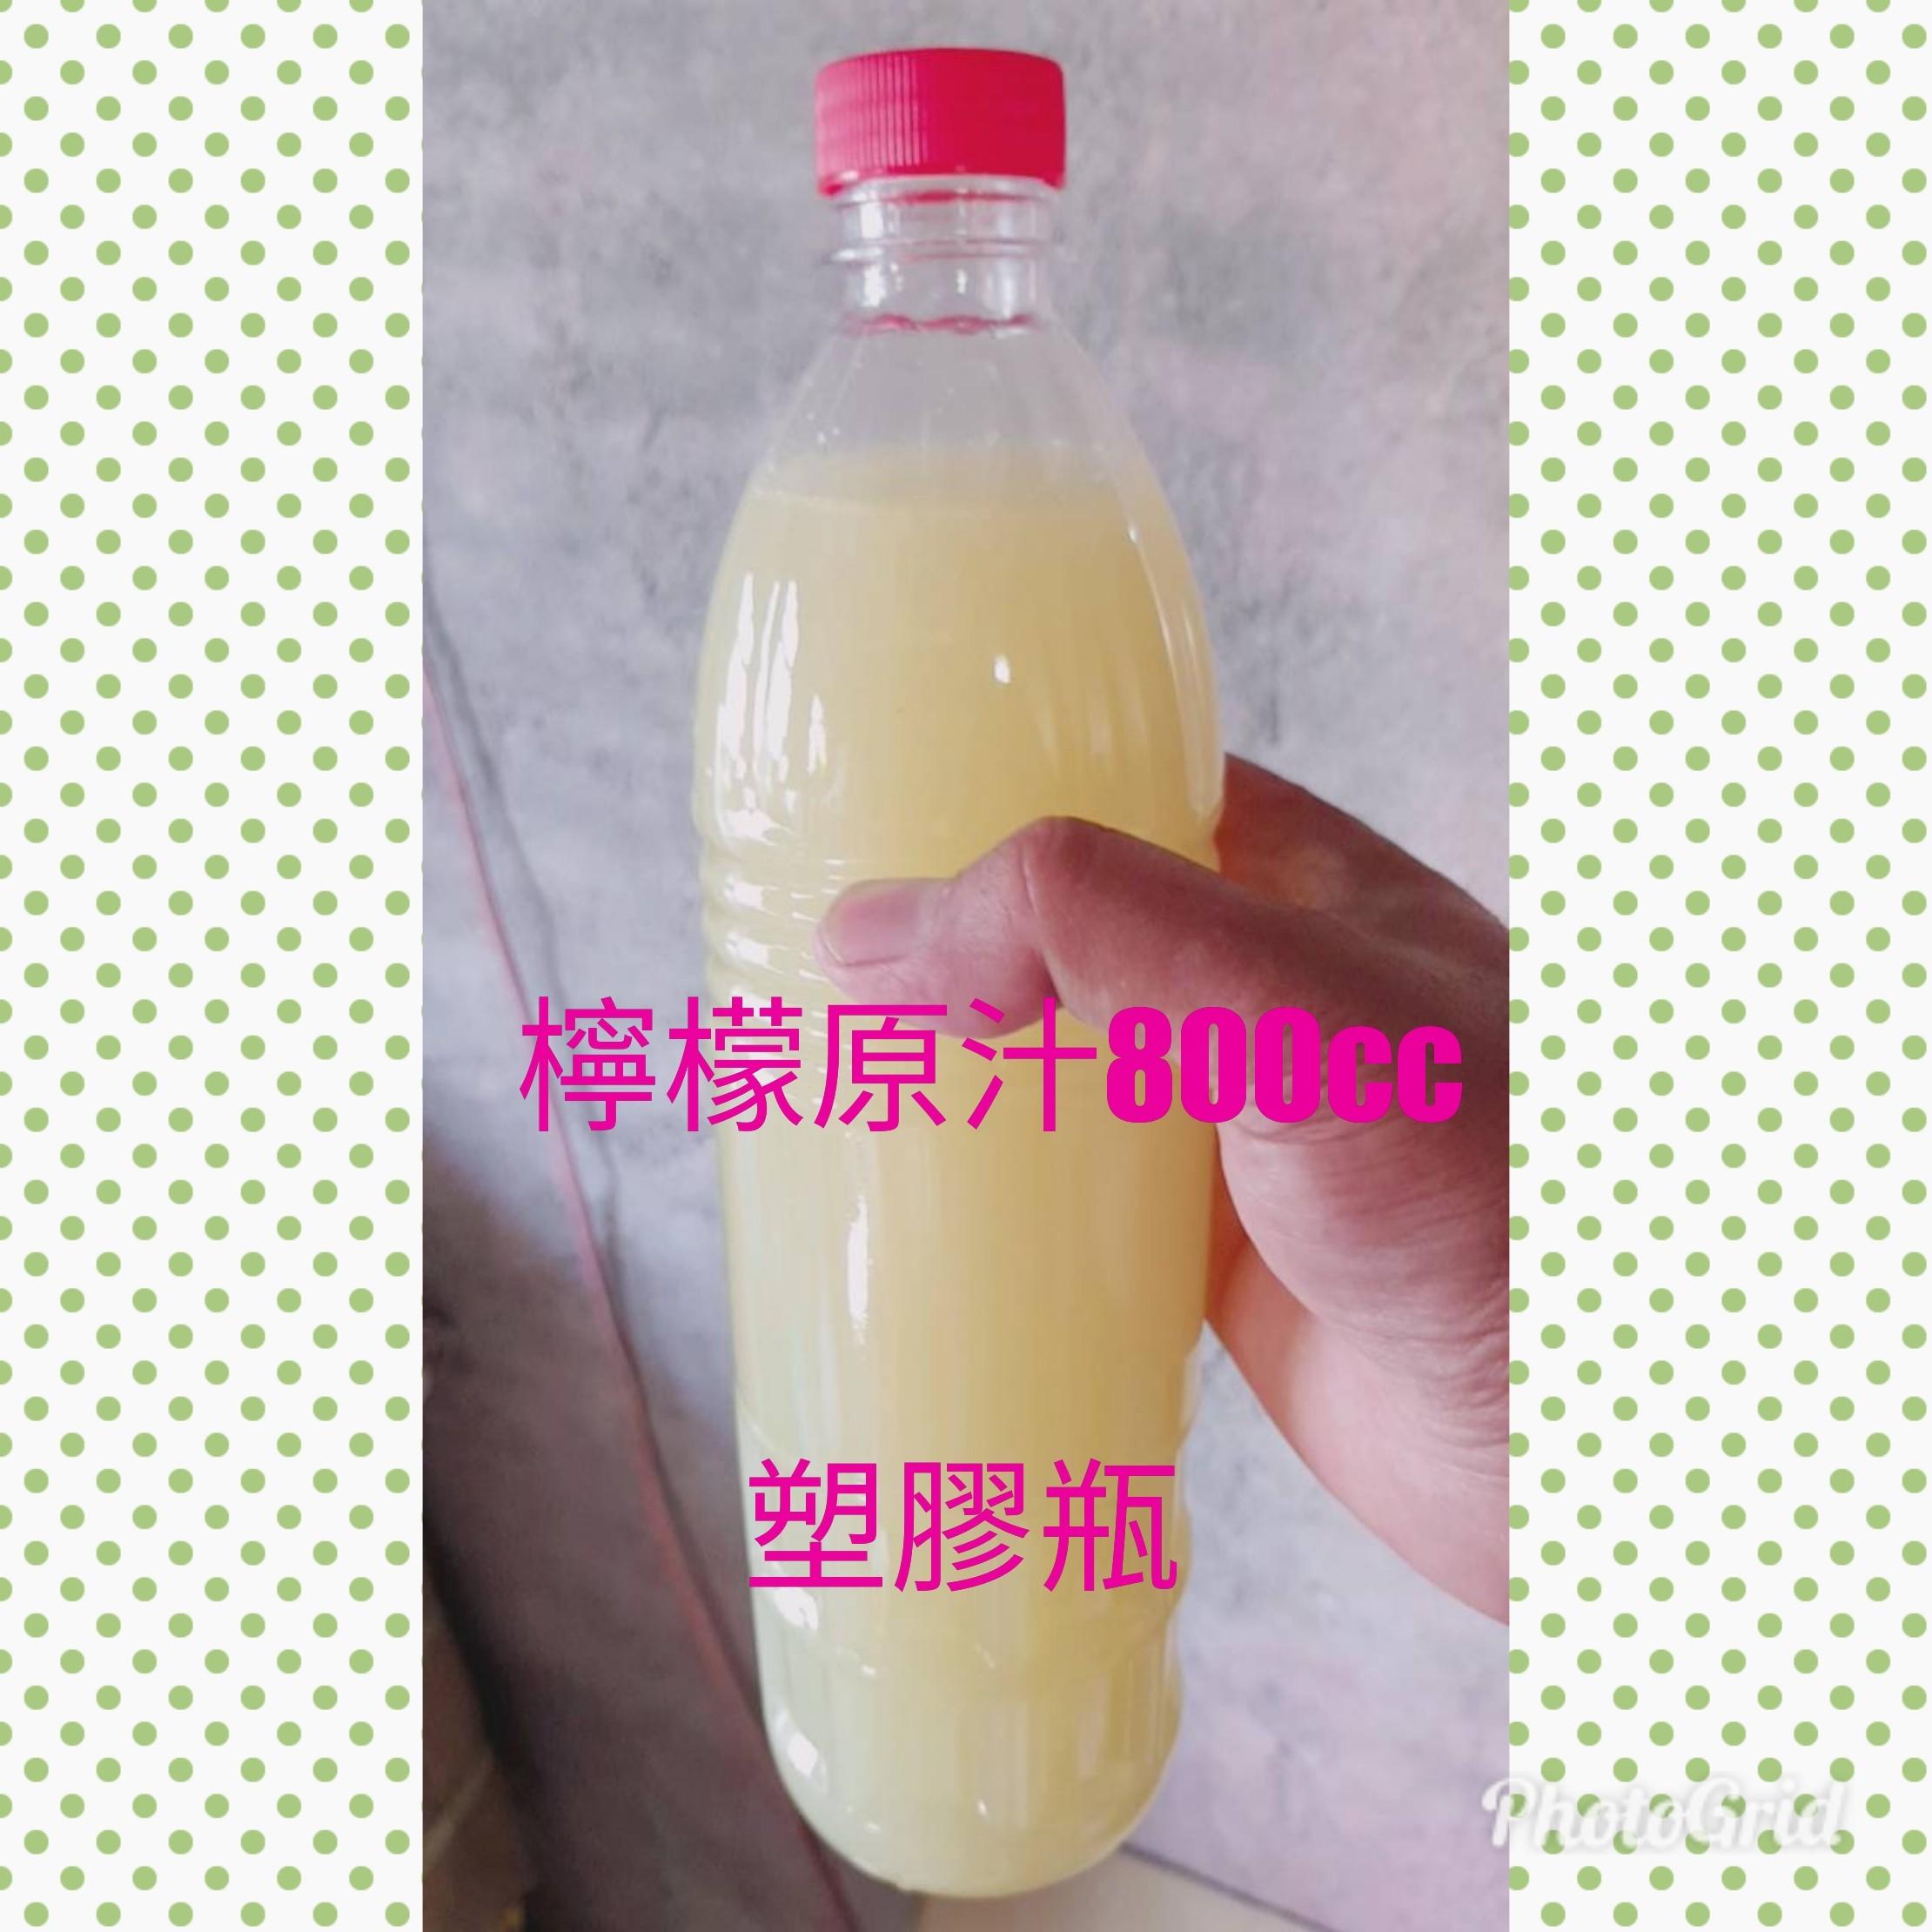 無毒檸檬原汁 | 鮮檸檬汁 | 檸檬汁 | 檸檬水 | TLS全新生活800cc(52瓶)【塑膠瓶裝】結帳輸入折扣碼「IU205AQRTSRP」,在打【85】折平均1瓶167元